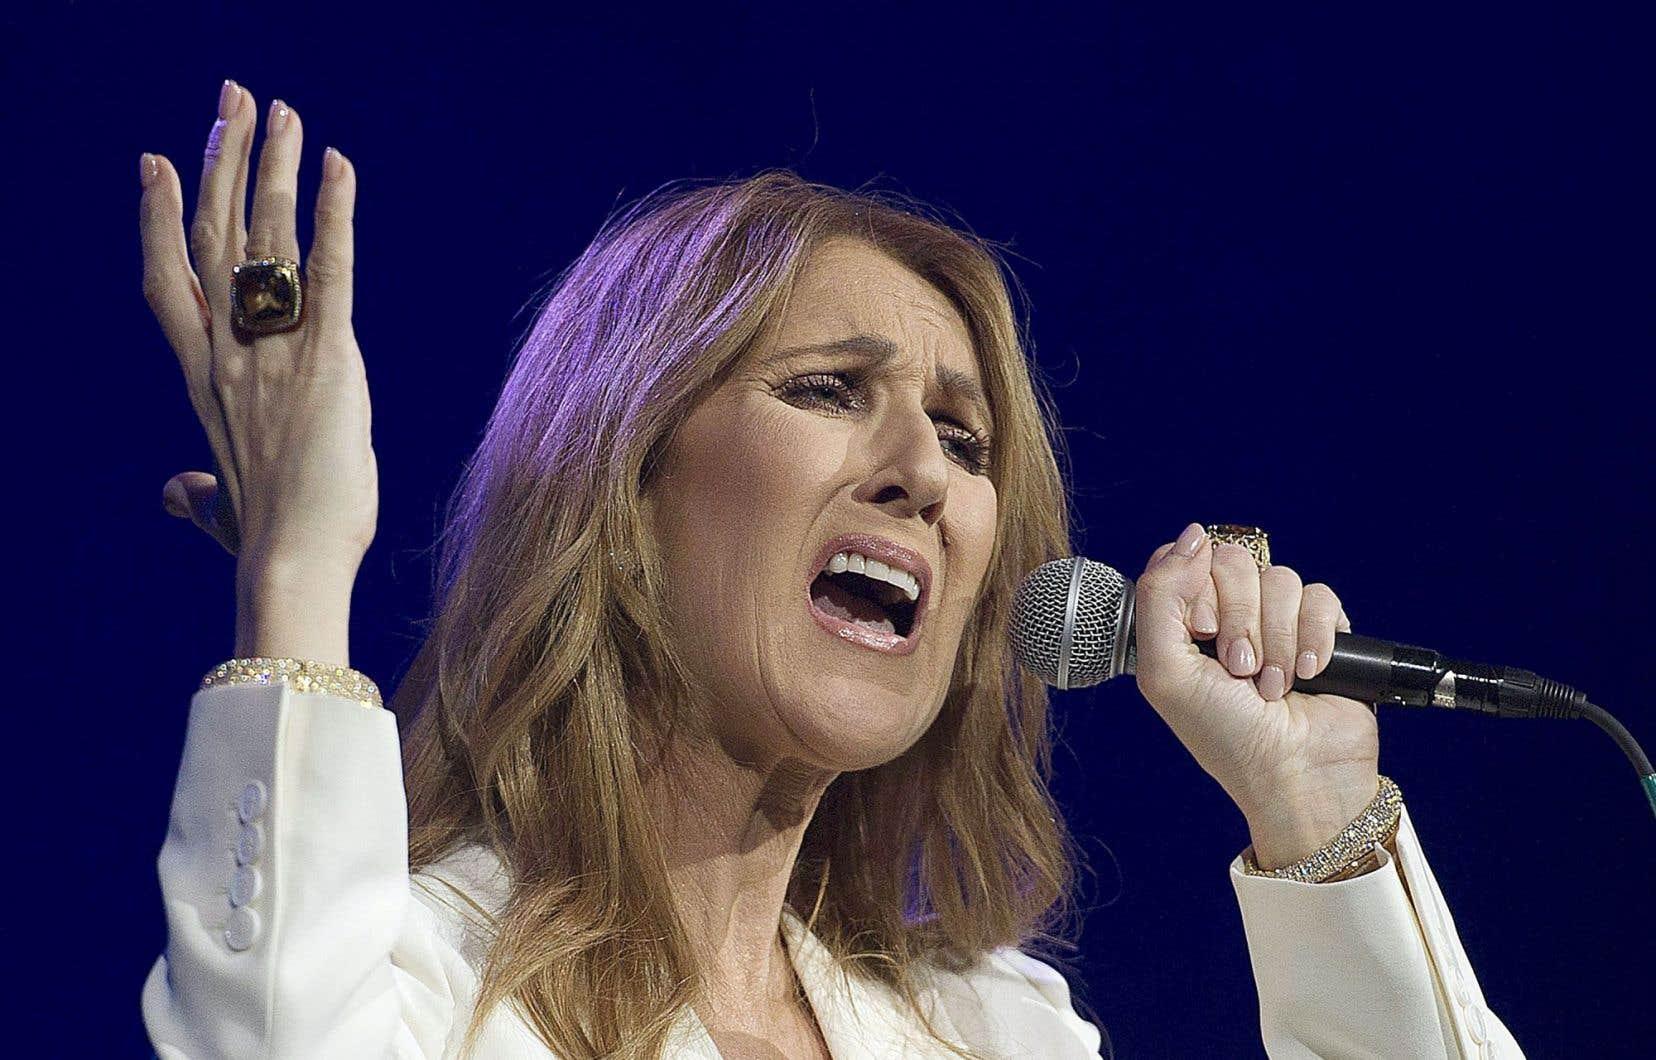 Les concerts que Céline Dion donne présentement représenteraient près du tiers de l'assistance annuelle totale aux spectacles de chanson francophone au Québec.